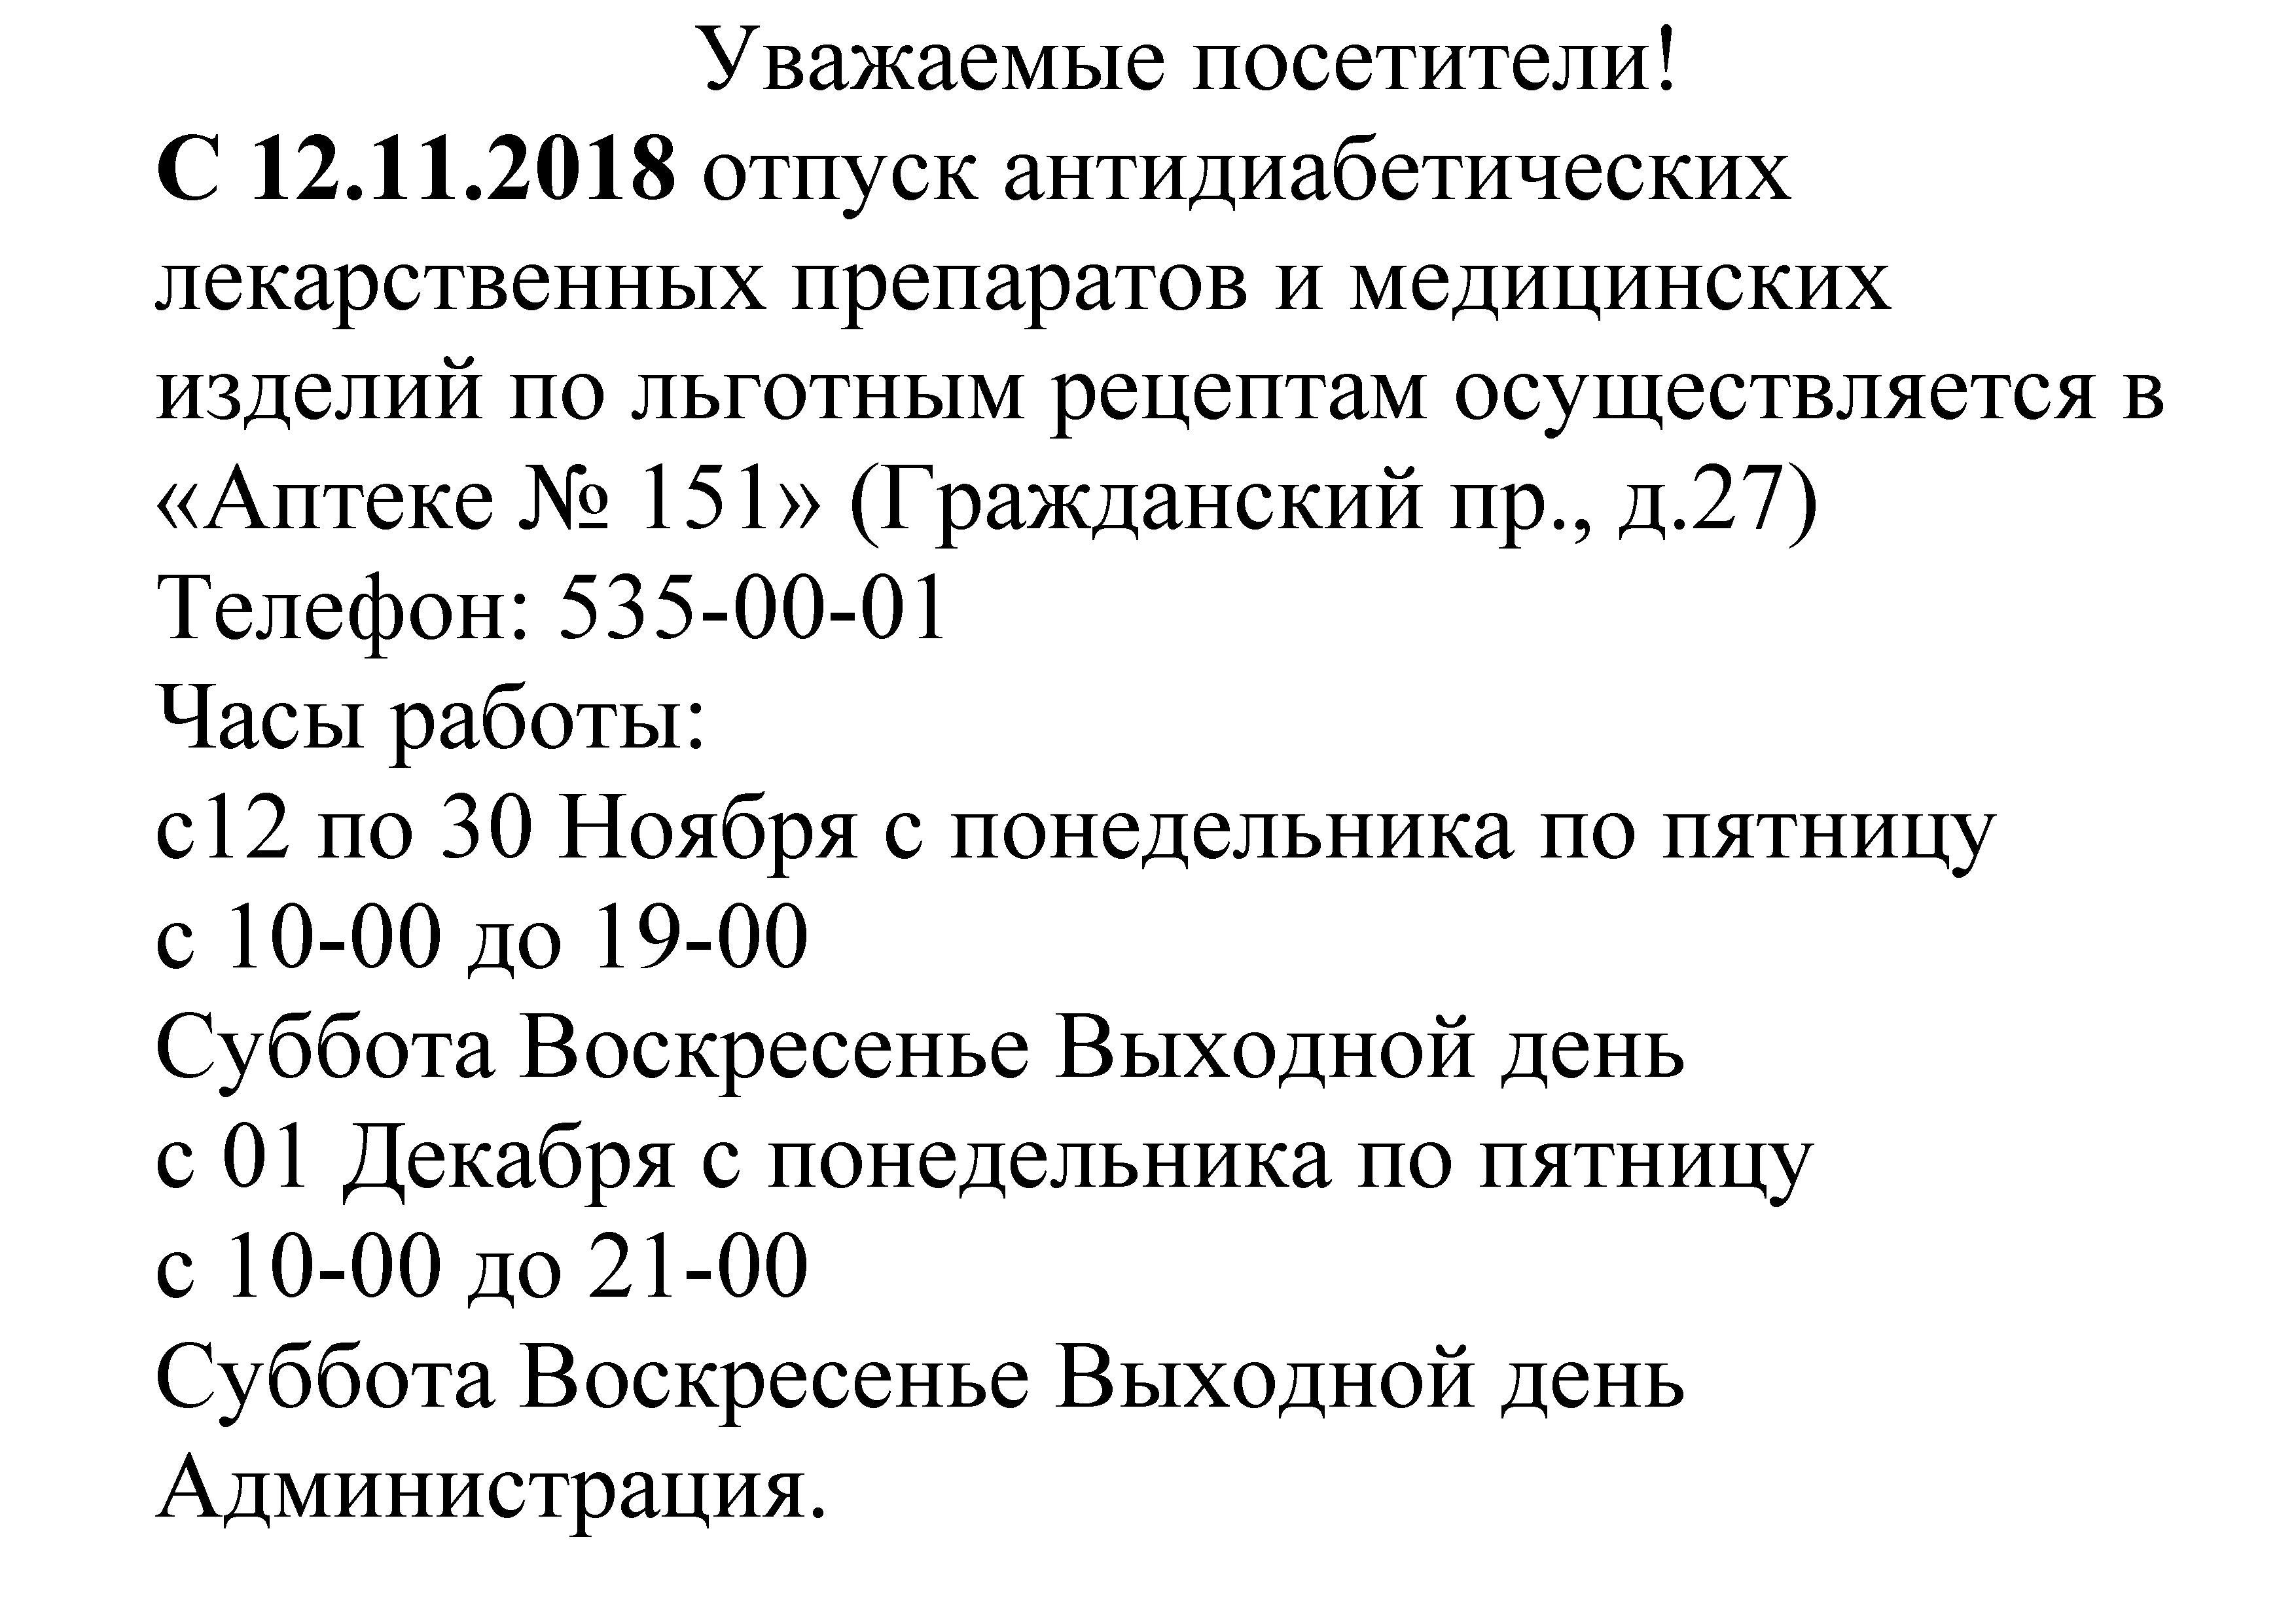 Ни стыда, ни совести: В Сети ужаснулись новому шпагату Волочковой 03.04.2018 изоражения